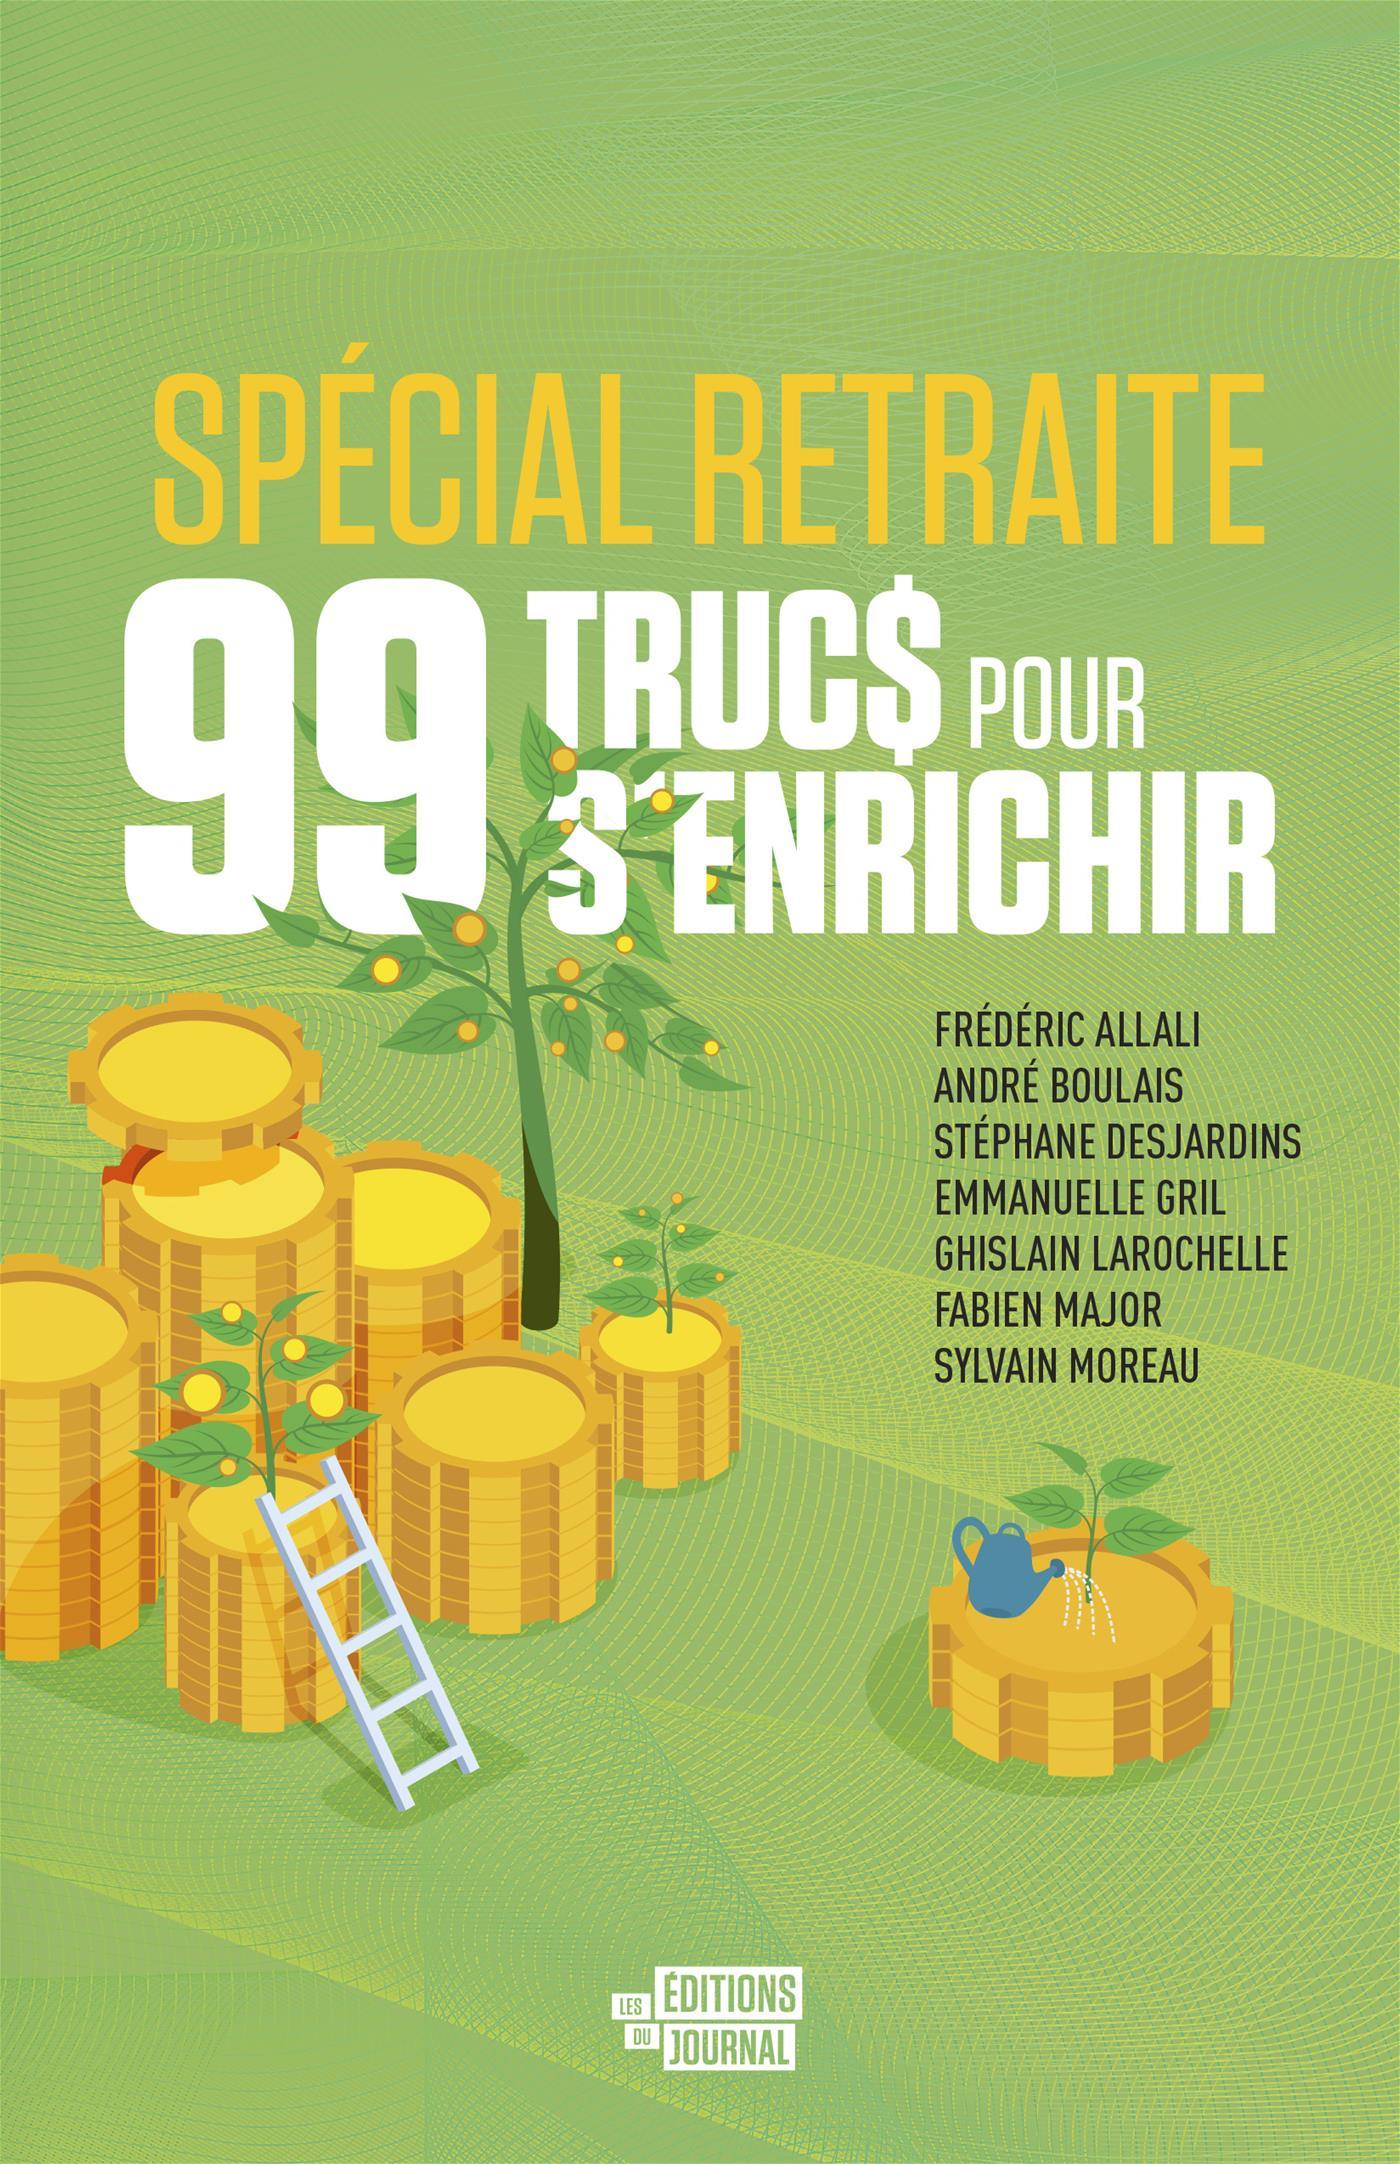 99 trucs pour s'enrichir spécial retraite